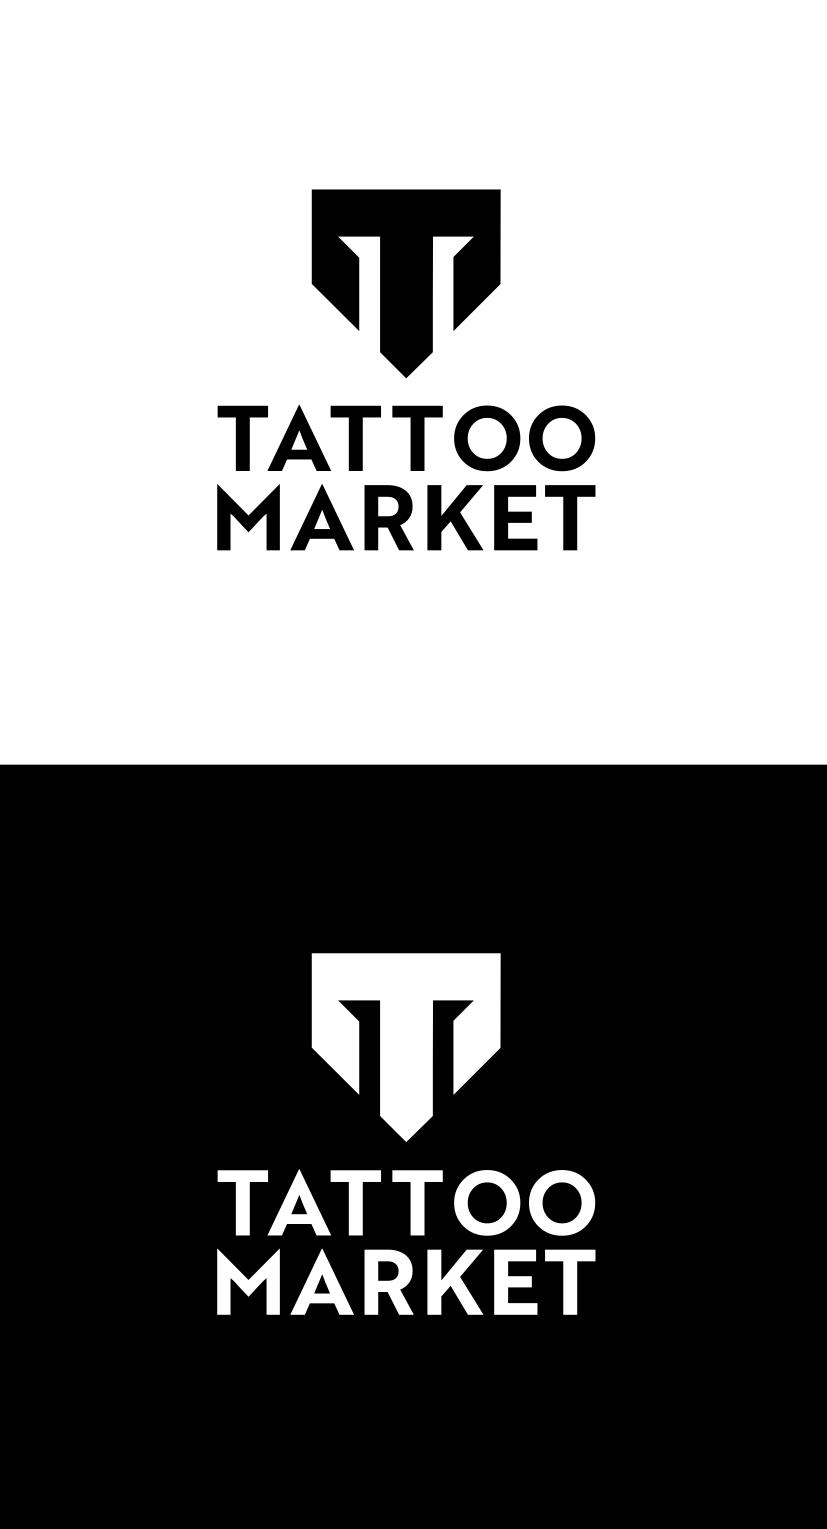 Редизайн логотипа магазина тату оборудования TattooMarket.ru фото f_5225c430351d6aaa.png